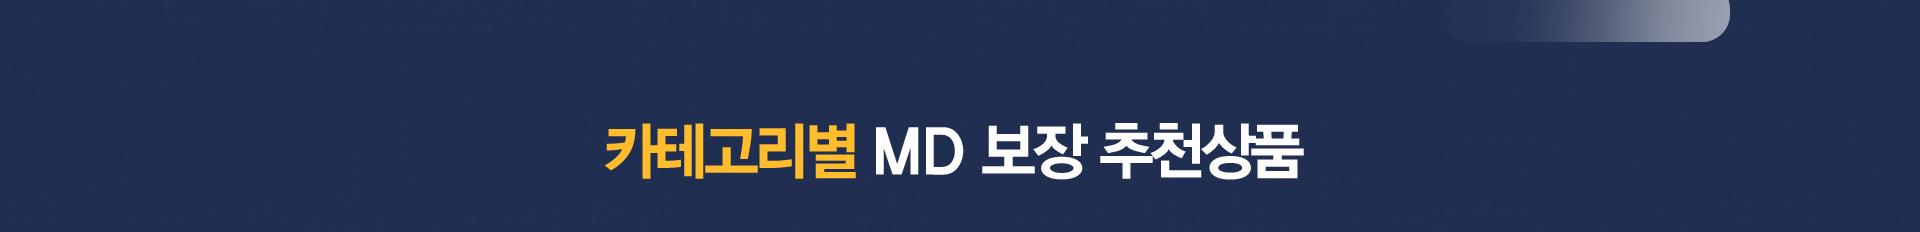 카테고리별 MD보장 추천상품